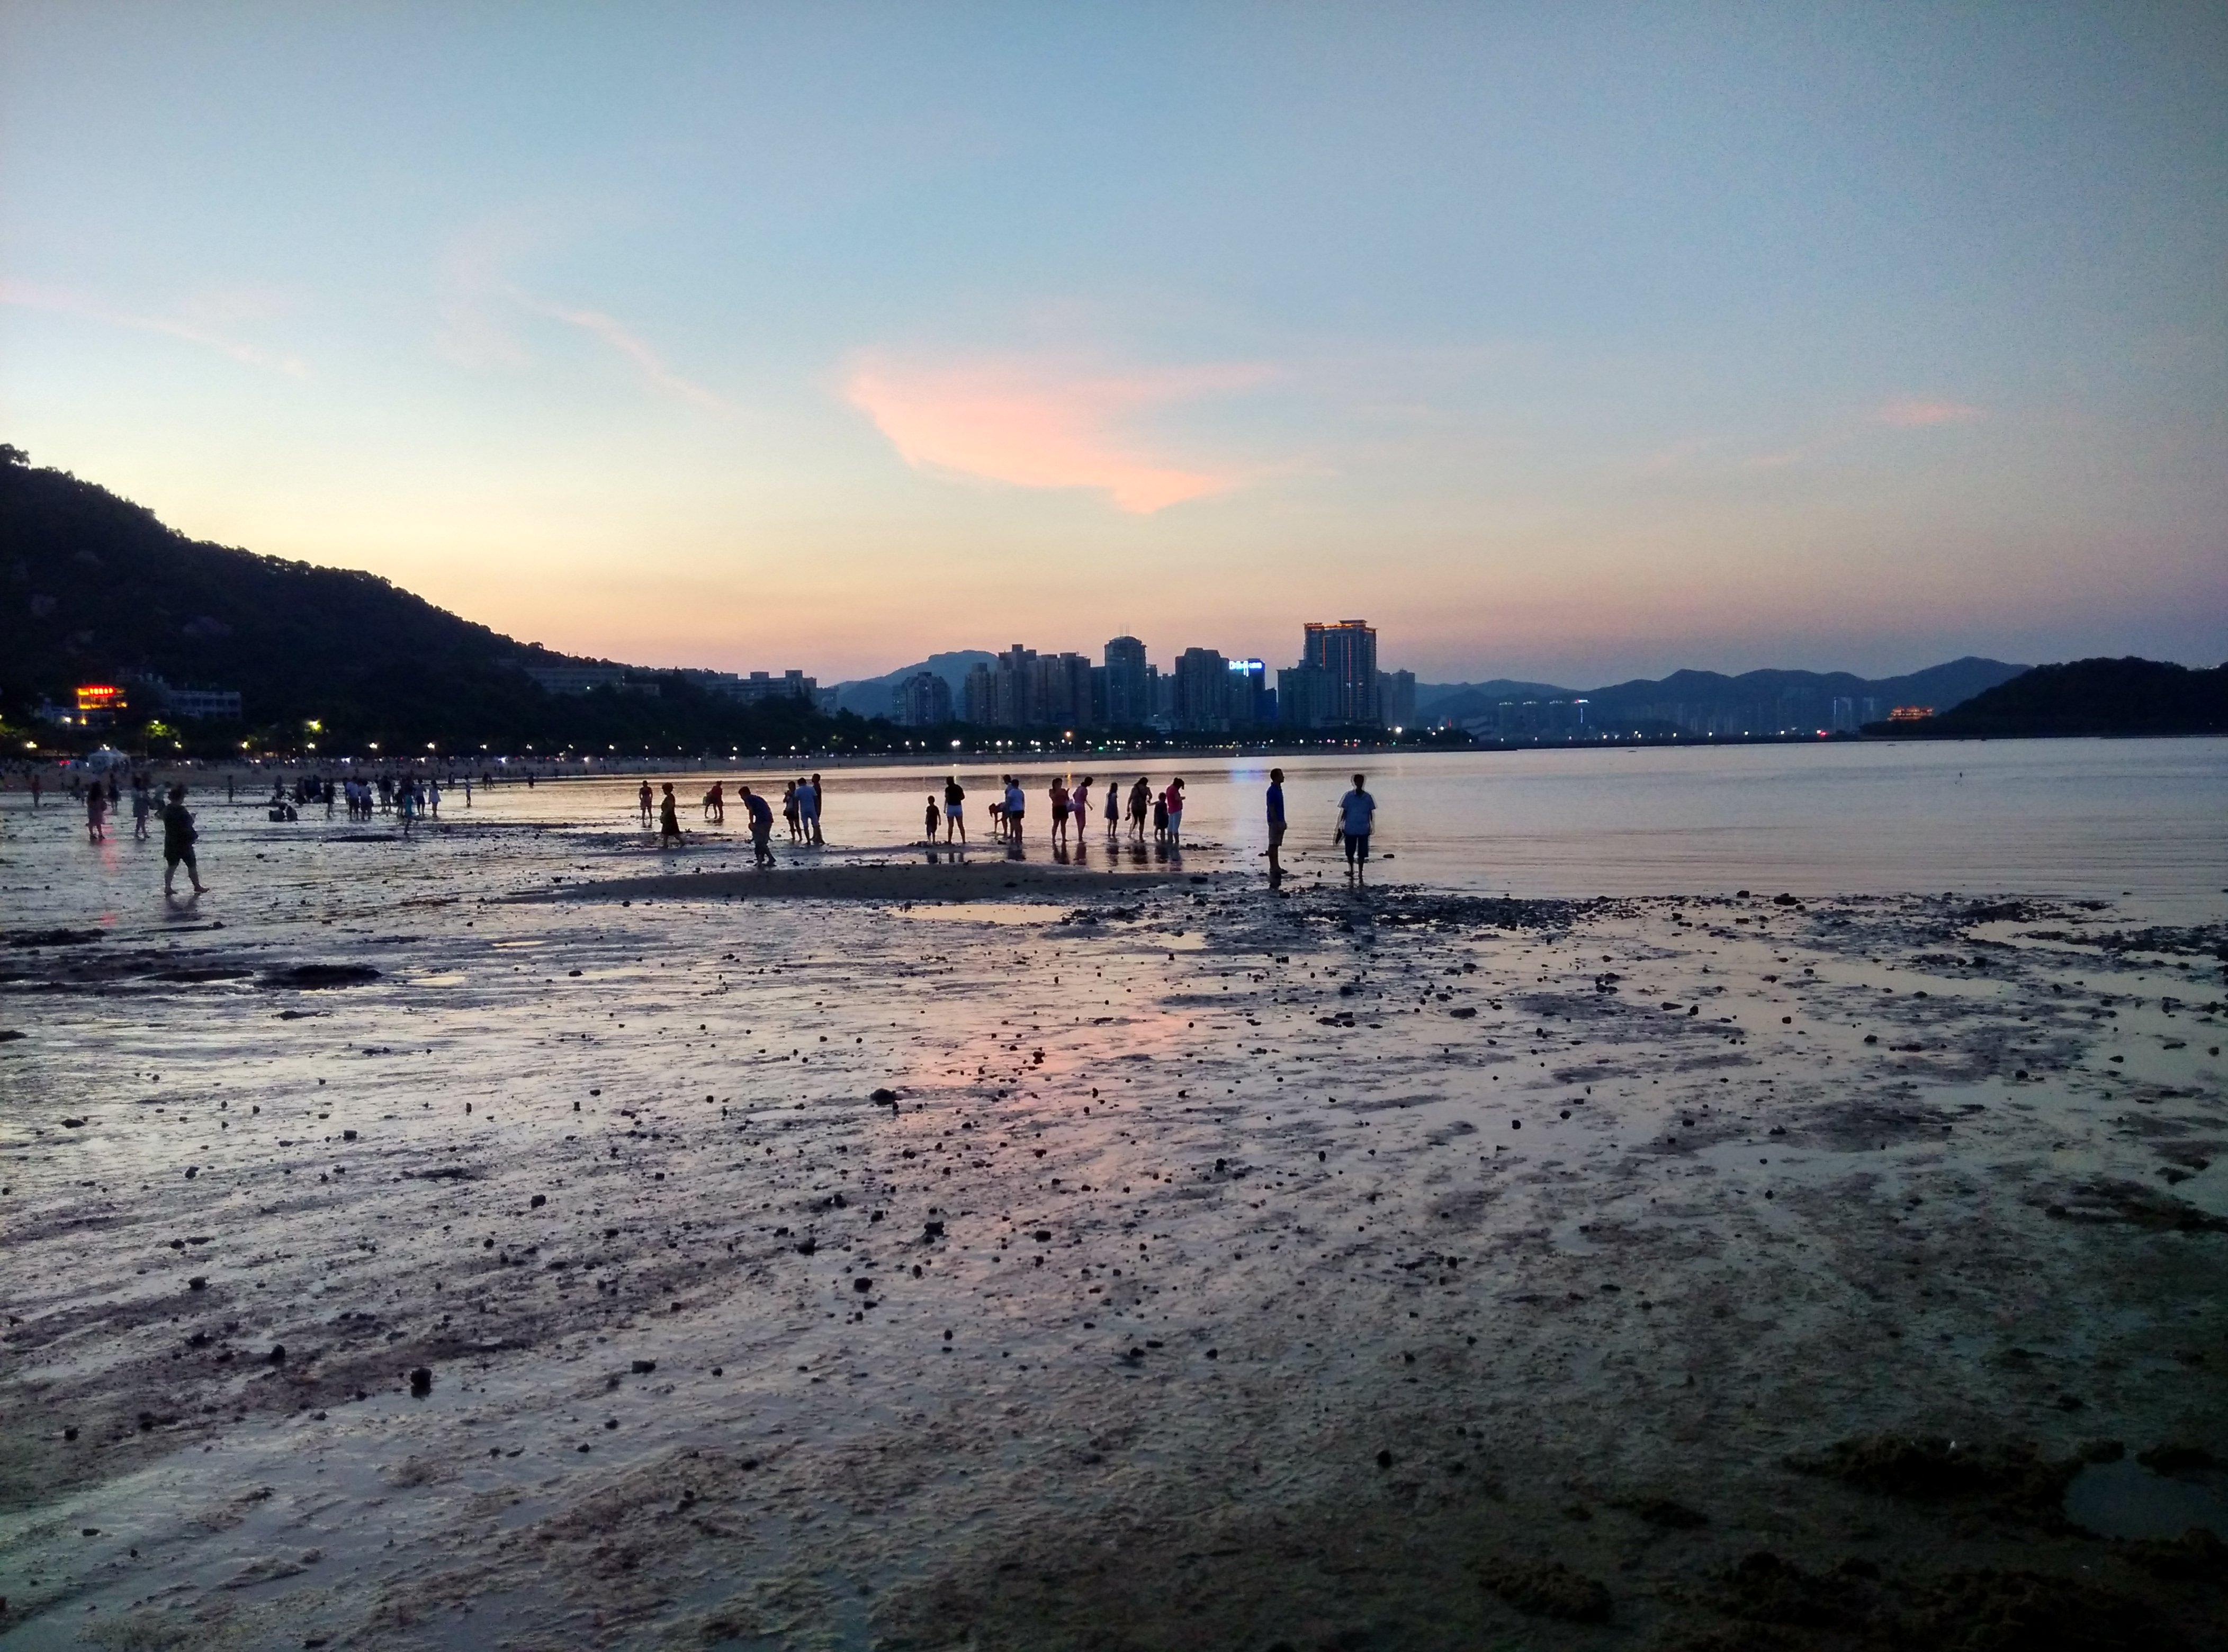 7月23日,黄昏,晴,海滨公园沙滩,退潮,原图无PS